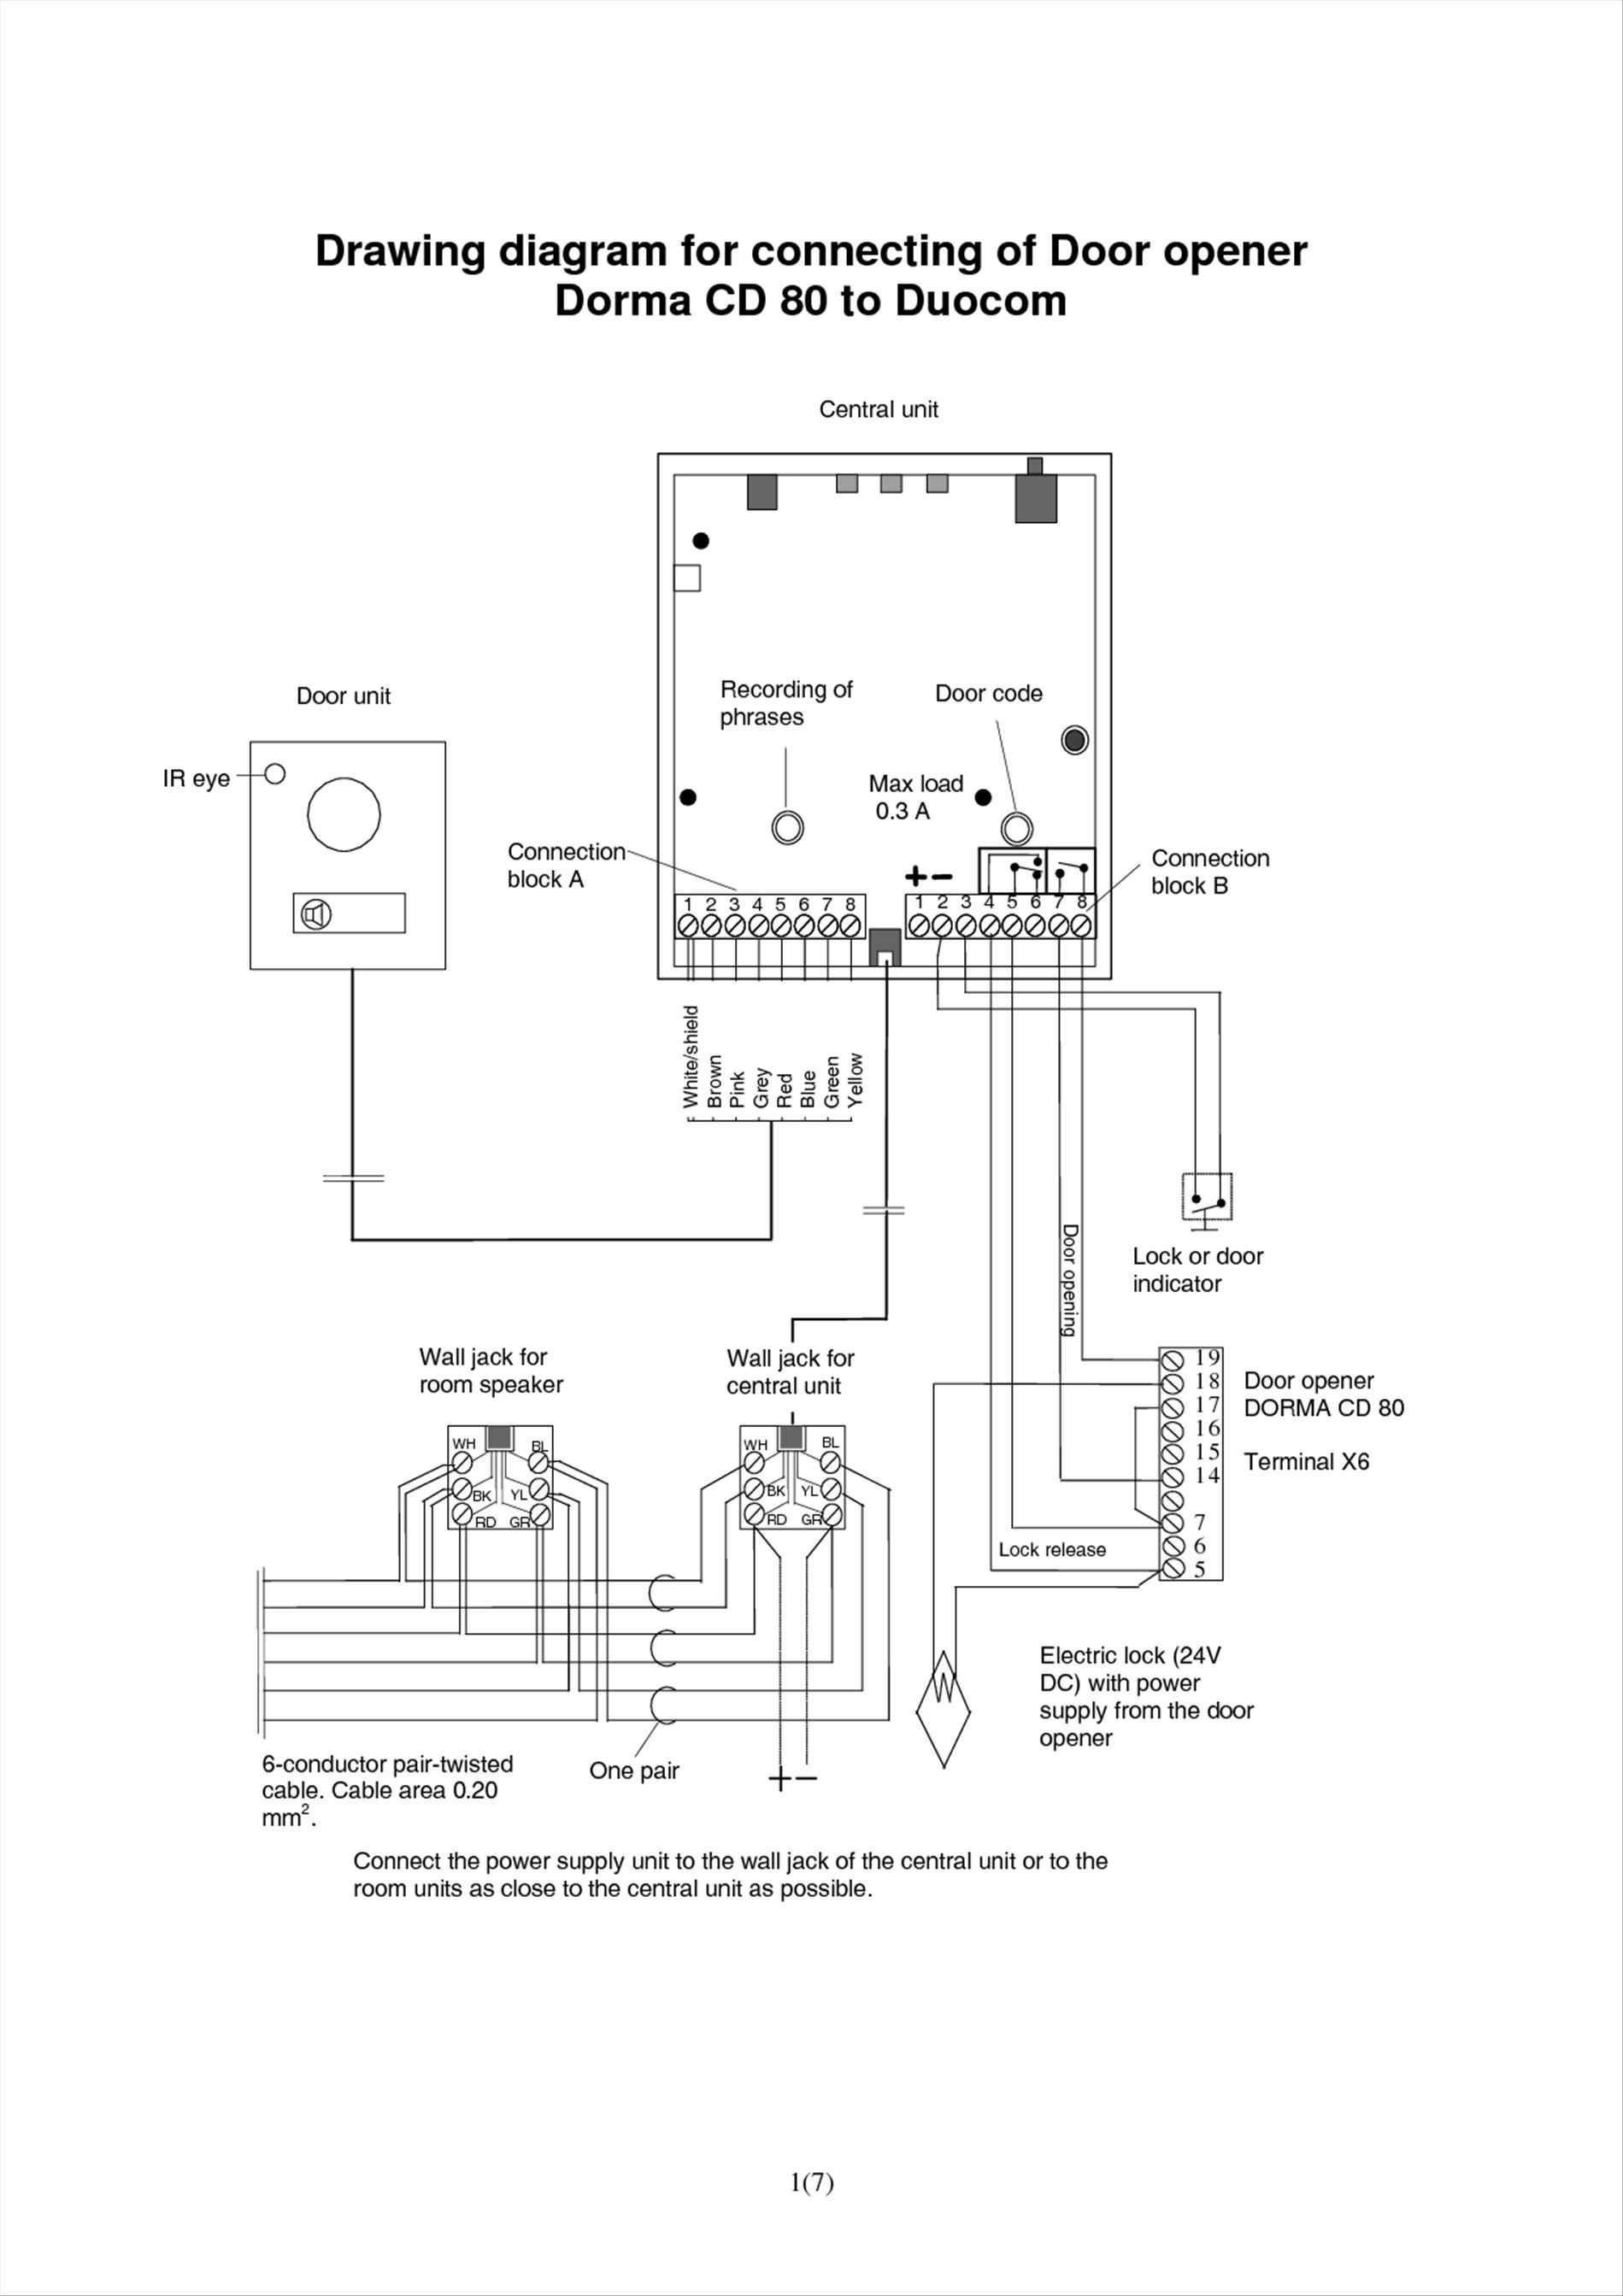 lift master garage door wiring diagram craftsman garage door opener wiring diagram | free wiring ... sears garage door wiring diagram